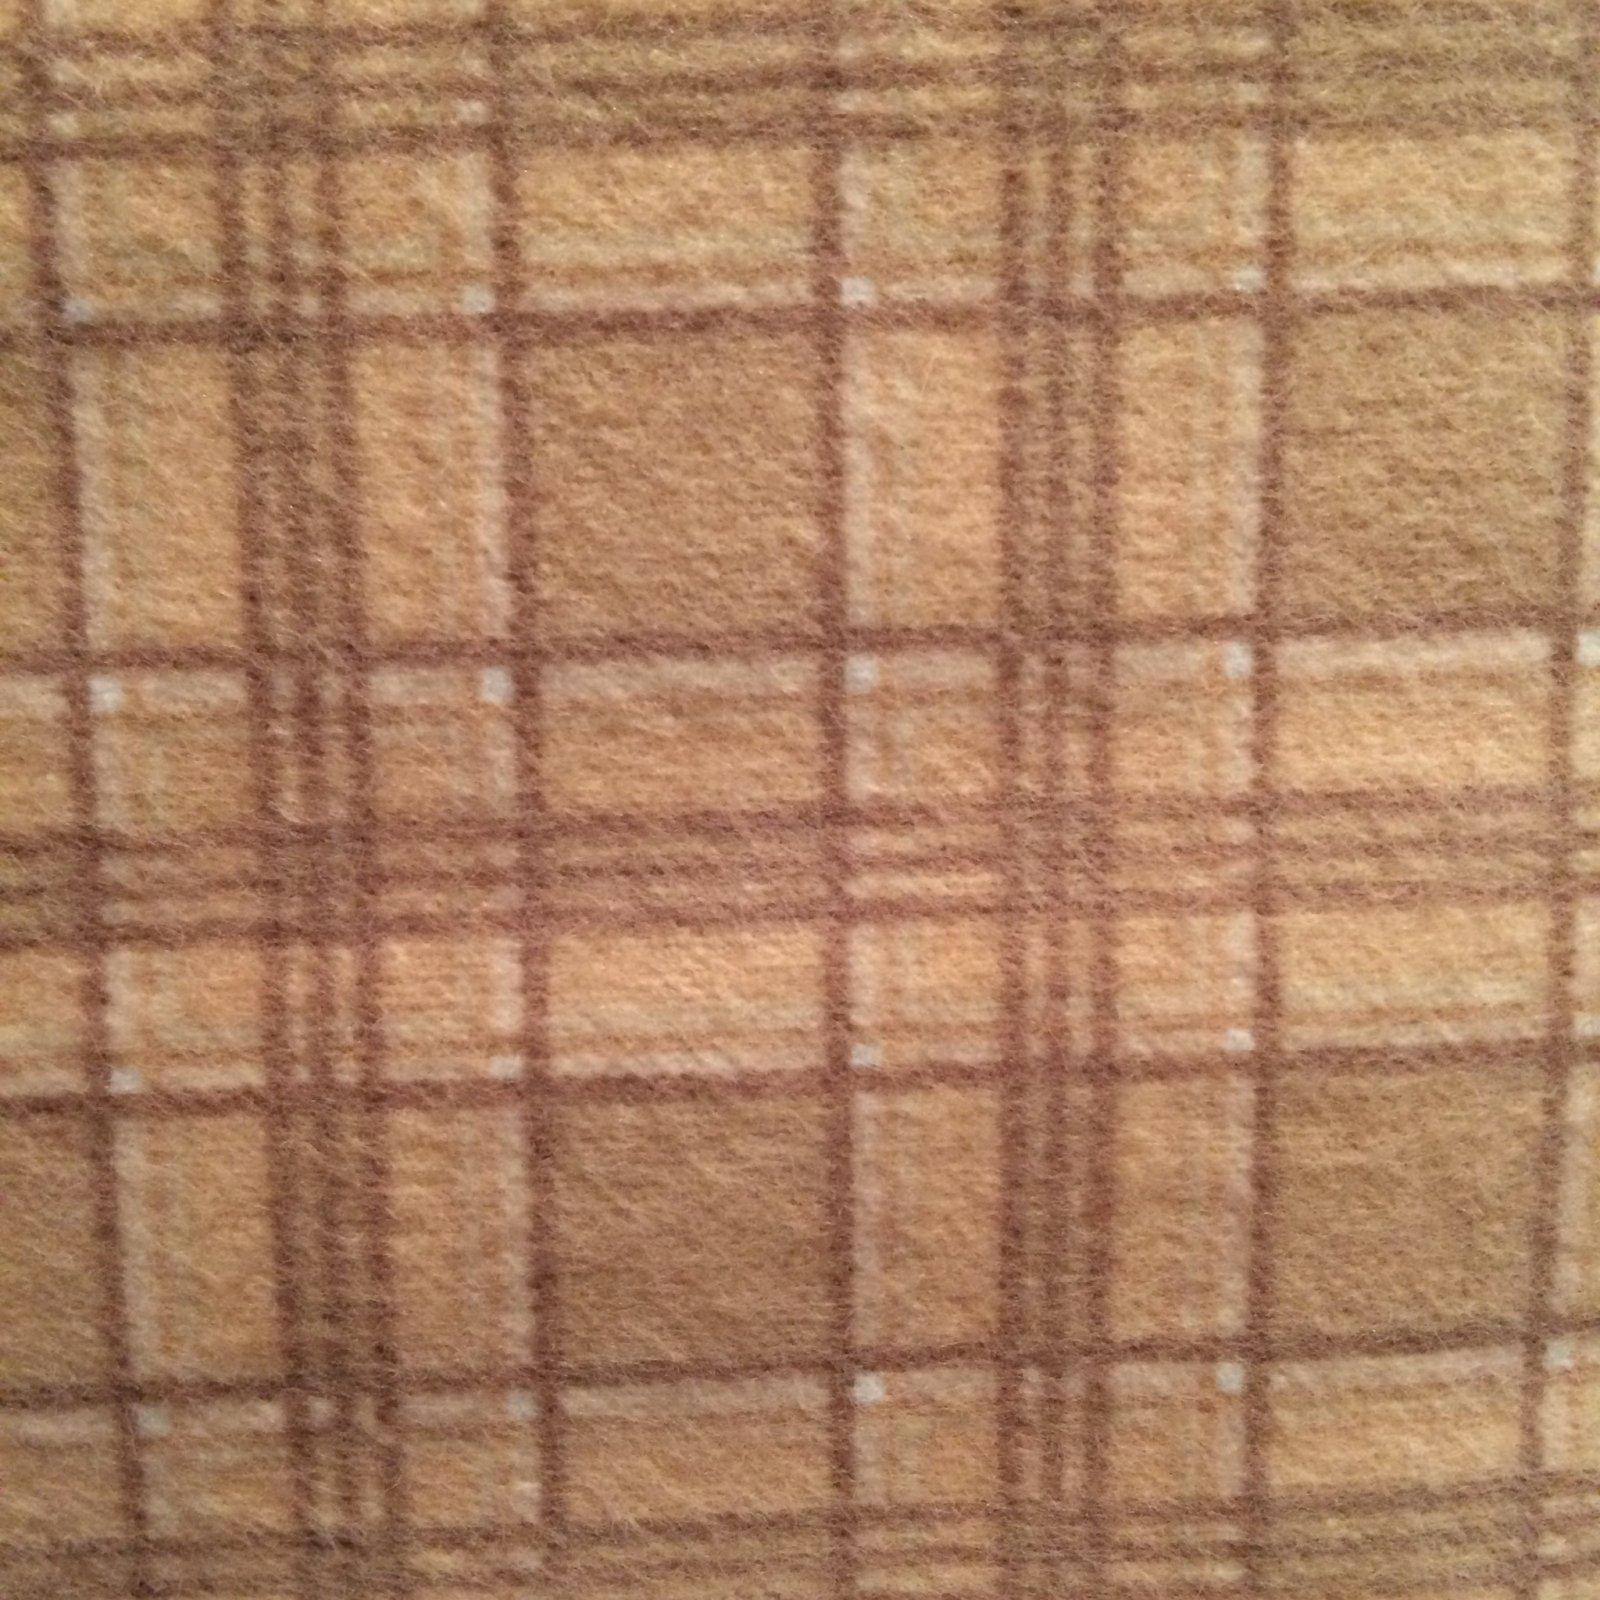 Marcus Fabrics Laurel Hills Flannel